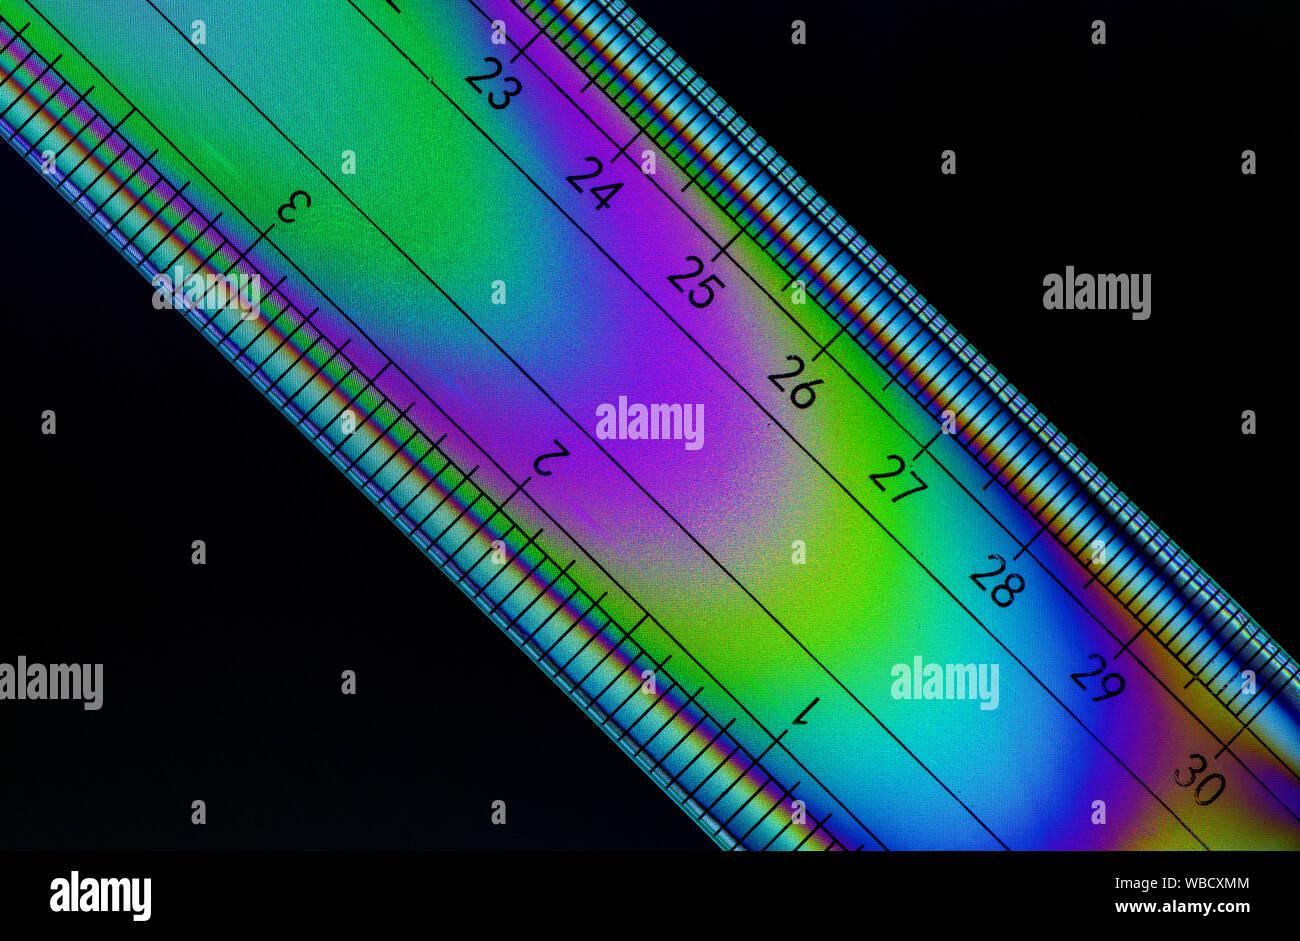 Image de polarisation croisée une règle indiquant les motifs colorés dans le plastique du stress Banque D'Images